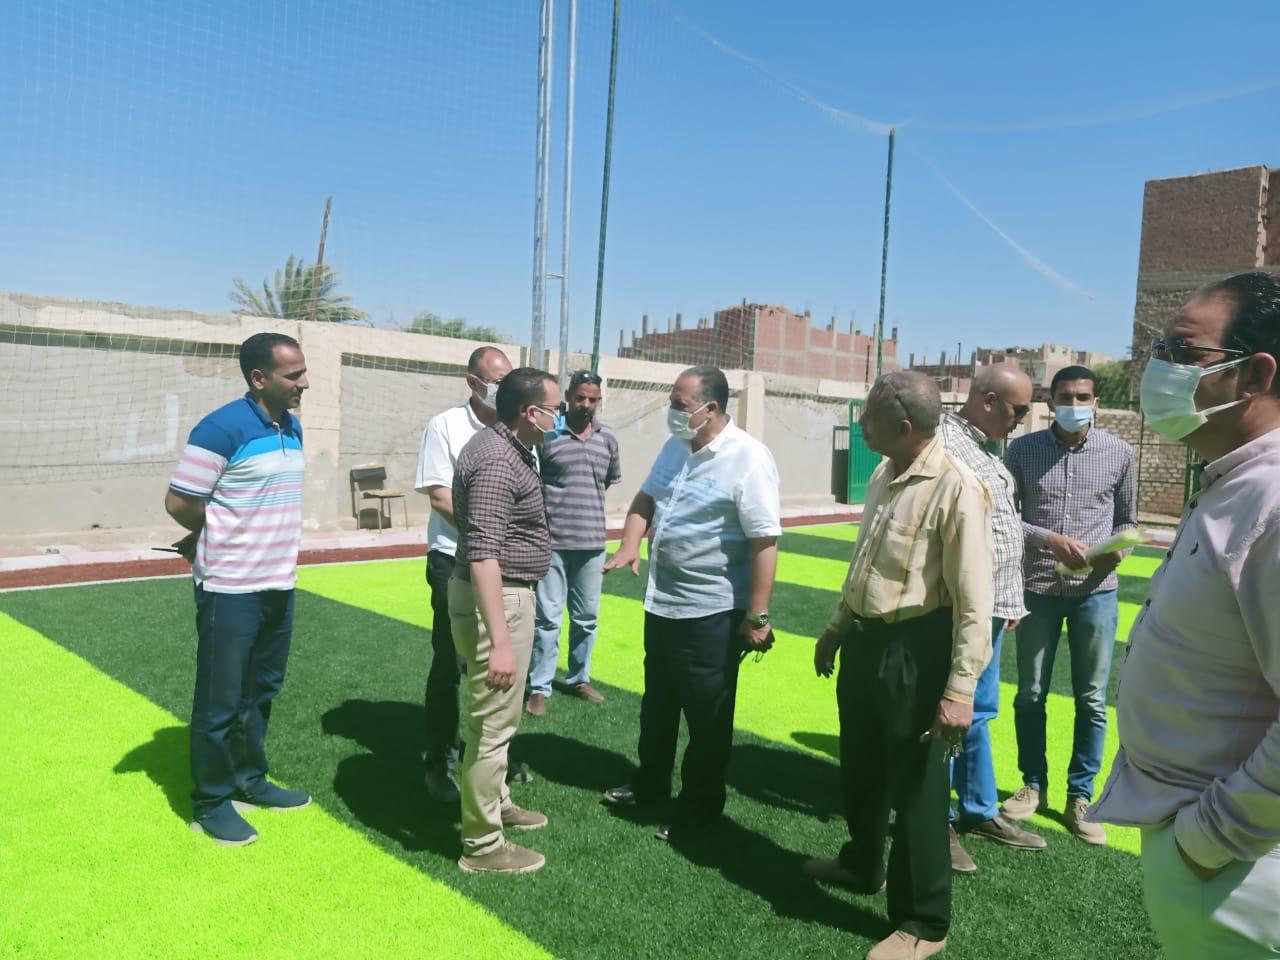 استمرار متابعة تنفيذ مشروعات تطوير الريف المصري والسكرتير المساعد يتفقد مشروعات قرى ديروط (8)